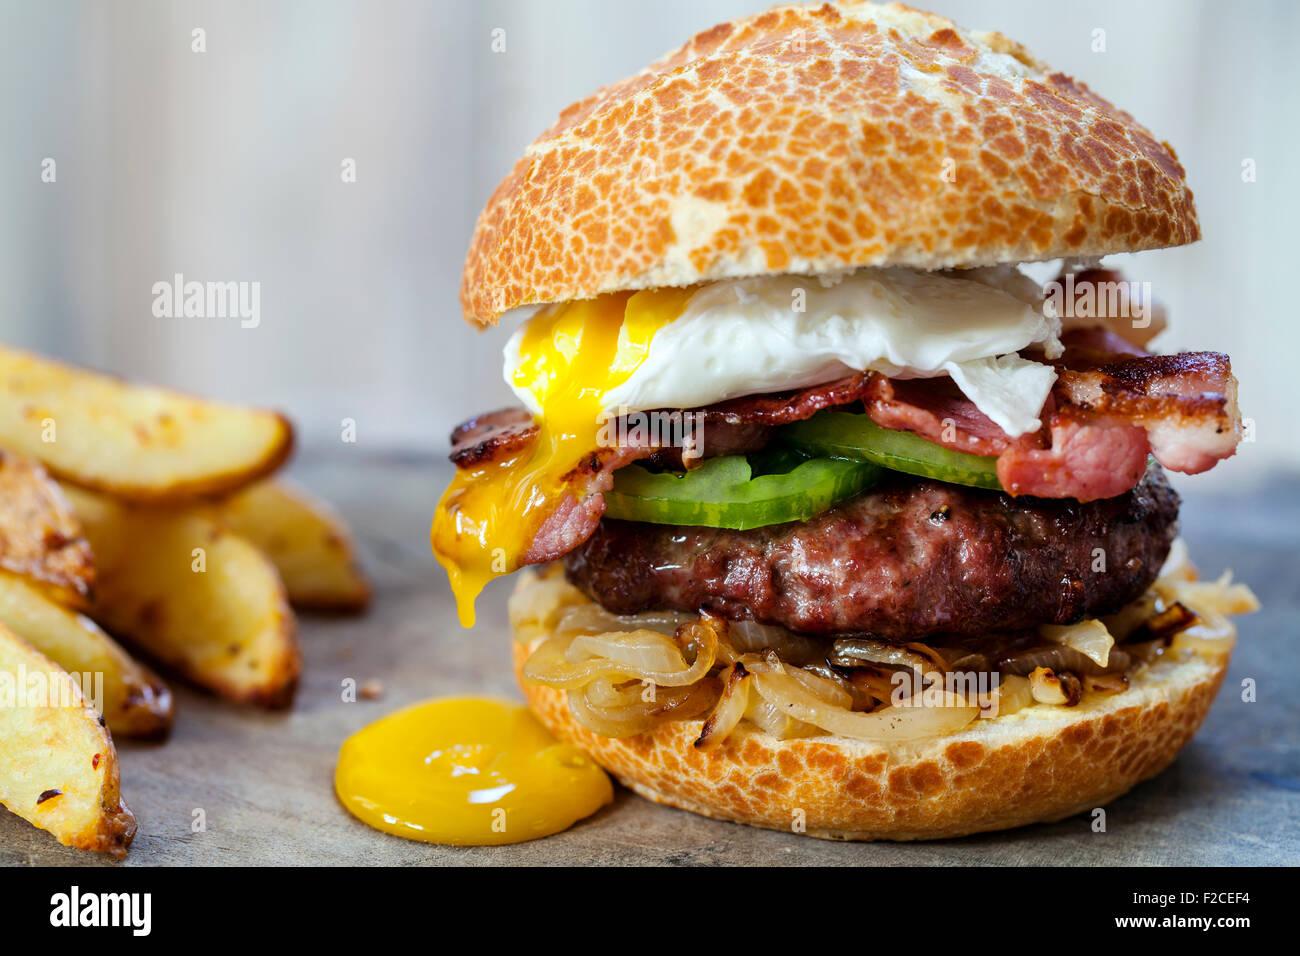 Hamburguesa de carne con tocino y huevos escalfados Imagen De Stock